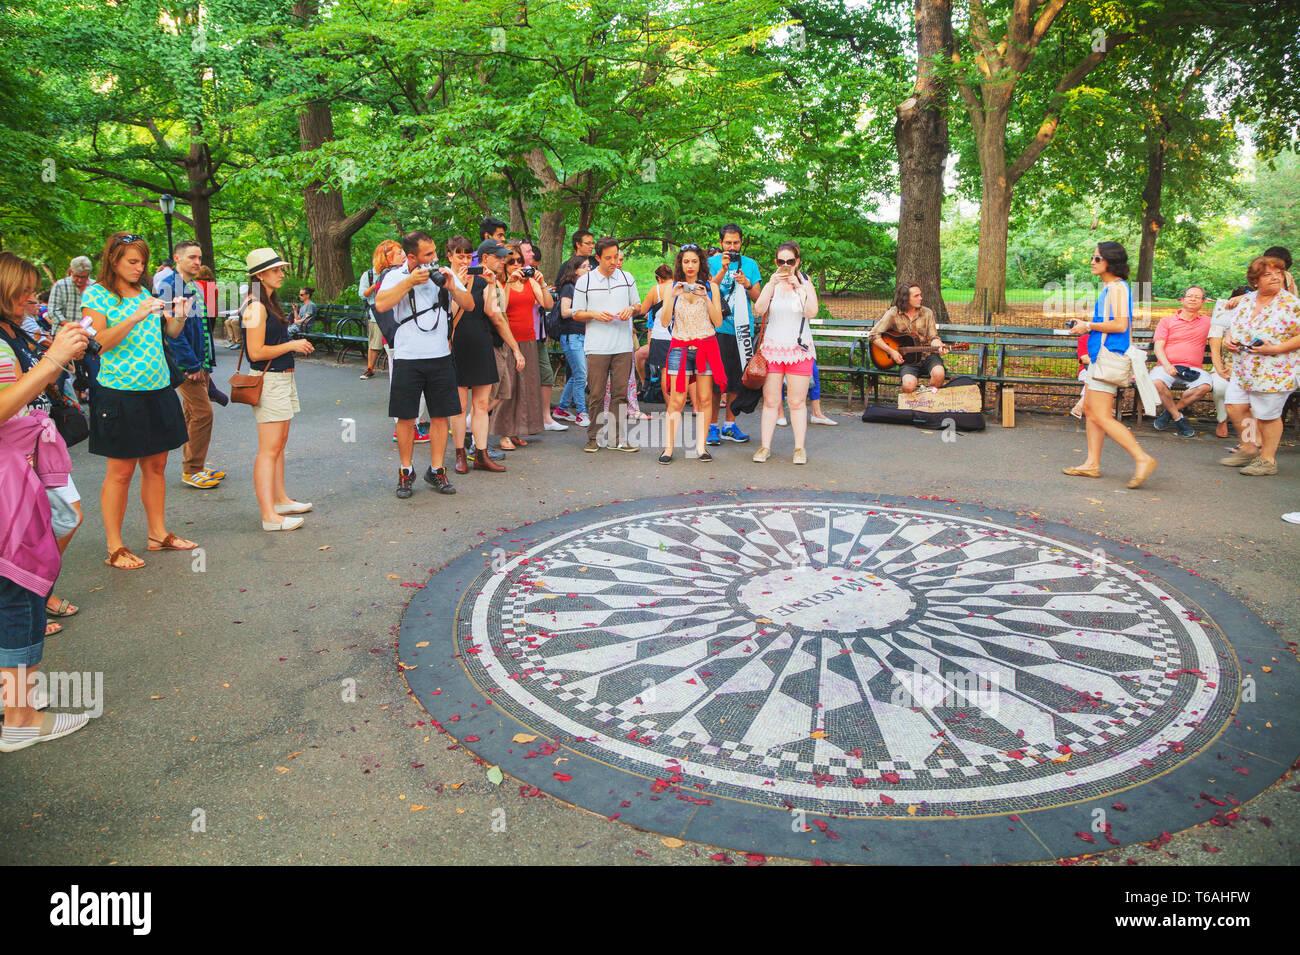 Strawberry Fields memorial en el Parque Central Foto de stock